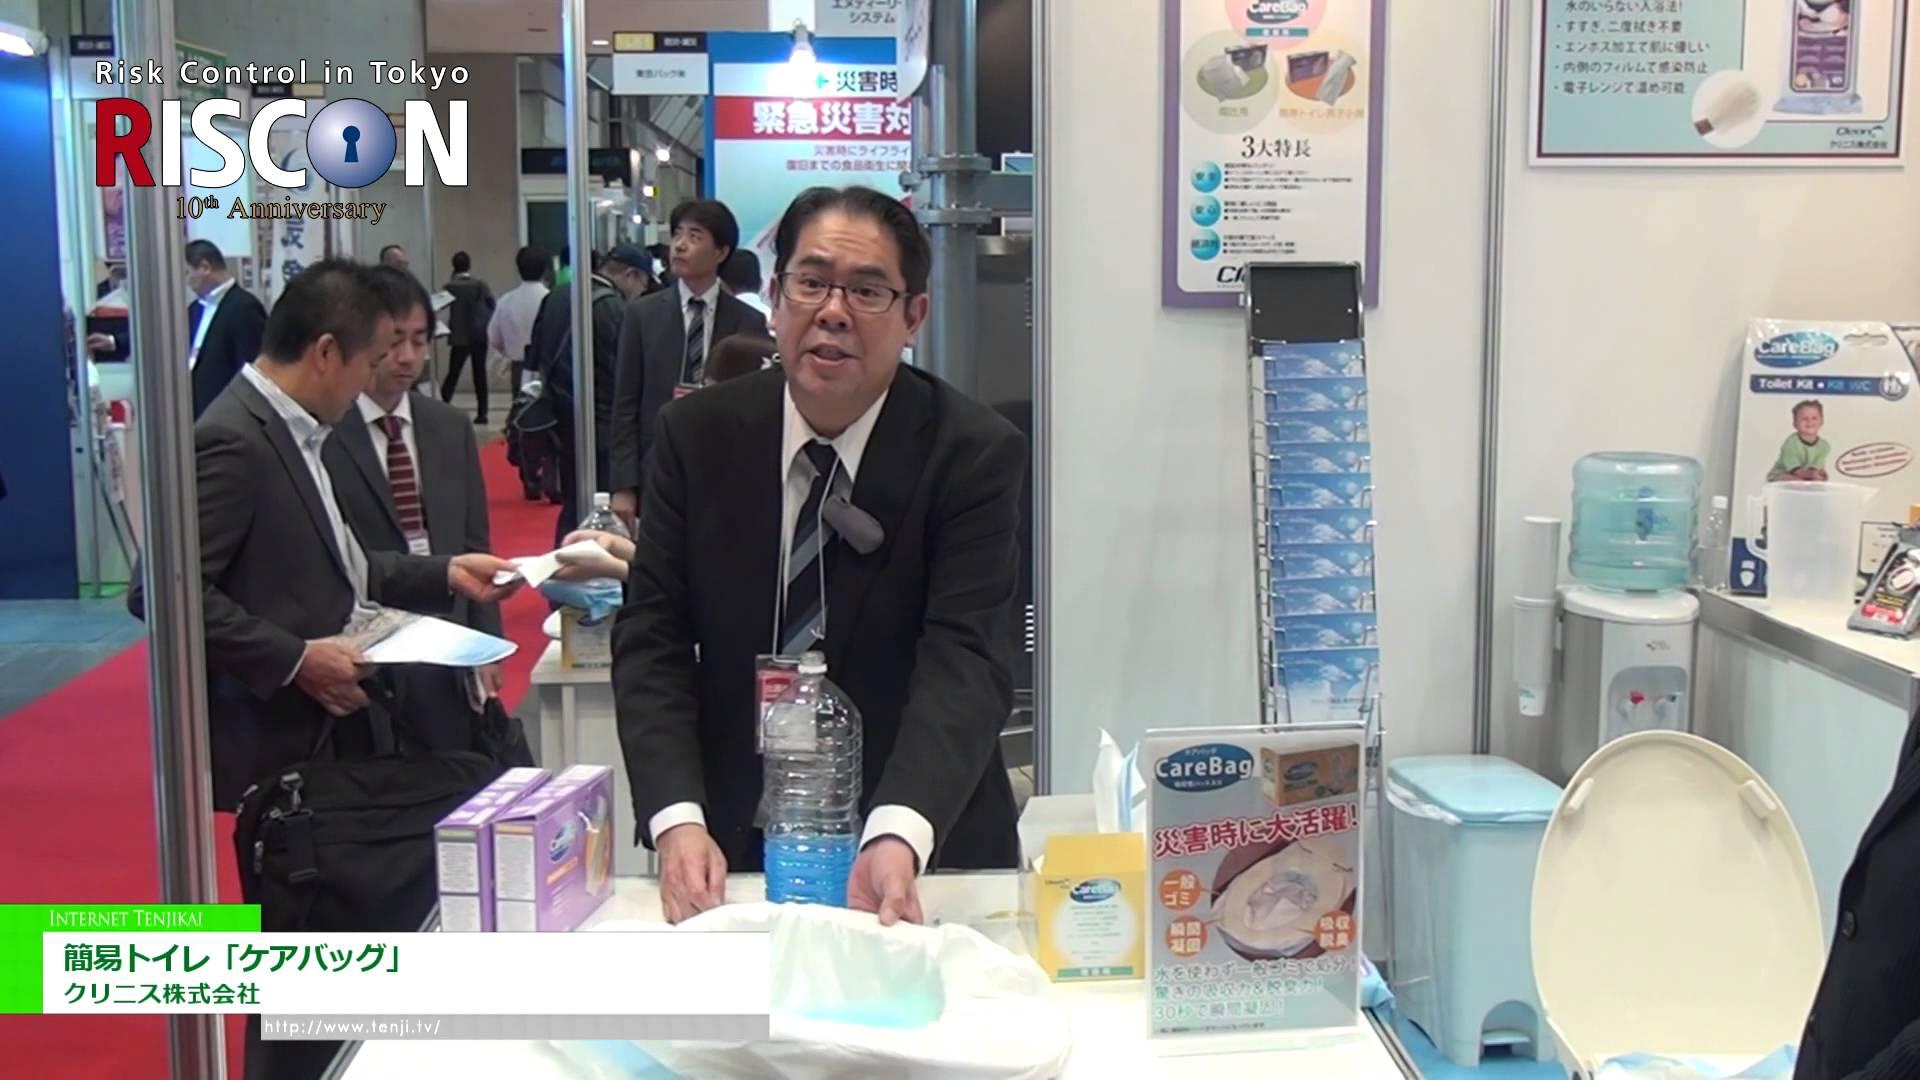 [危機管理産業展 2014] 簡易トイレ「ケアバッグ」 – クリニス株式会社